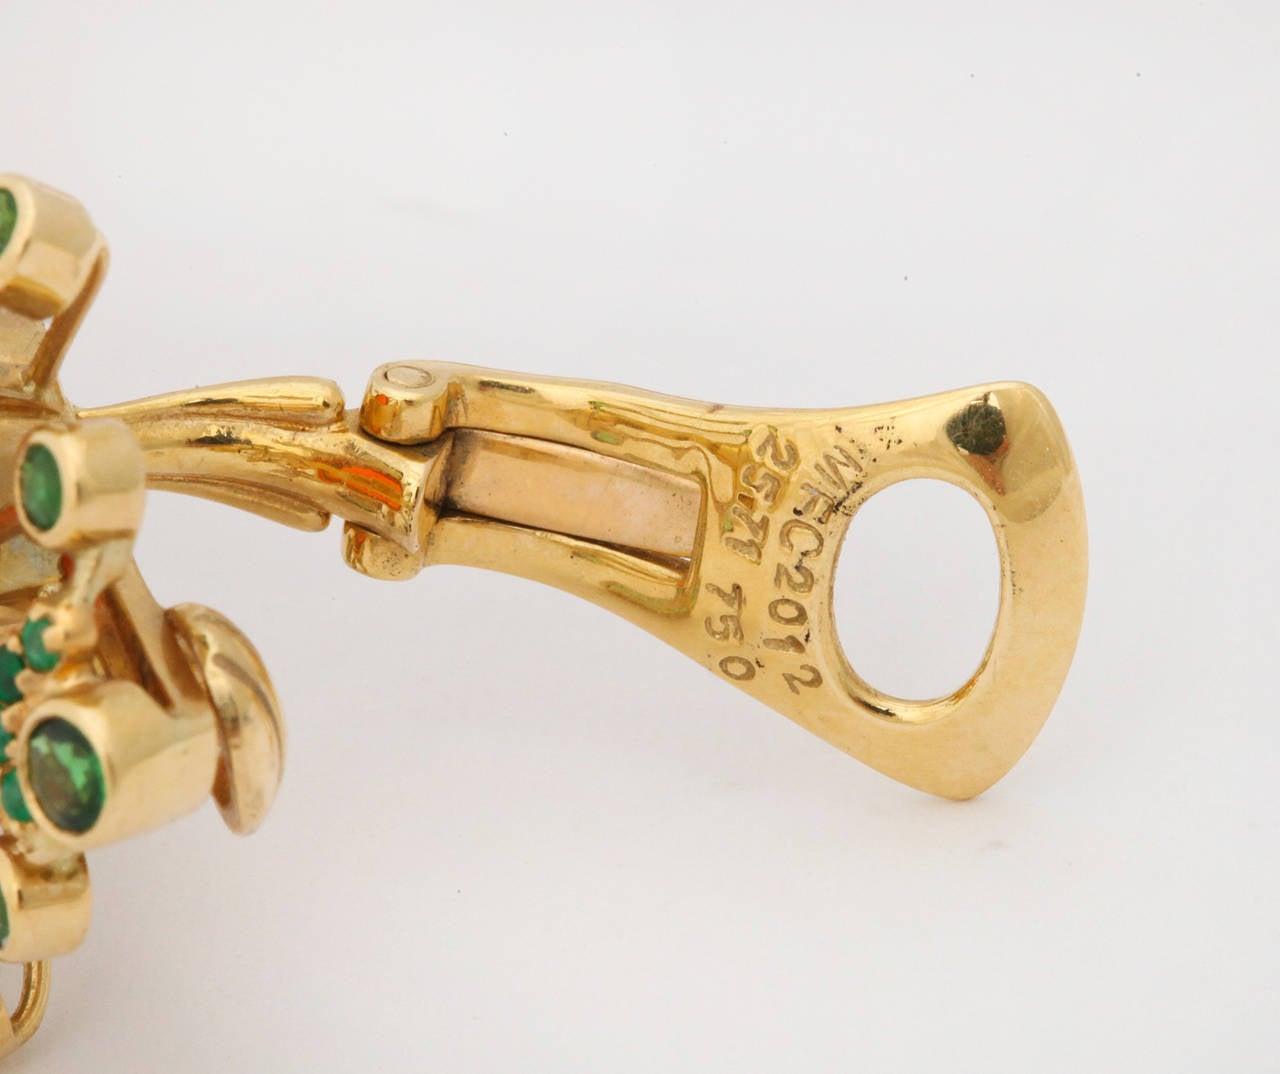 Marilyn Cooperman Fire Opal Tsavorite Garnet Gold Earclips For Sale 1